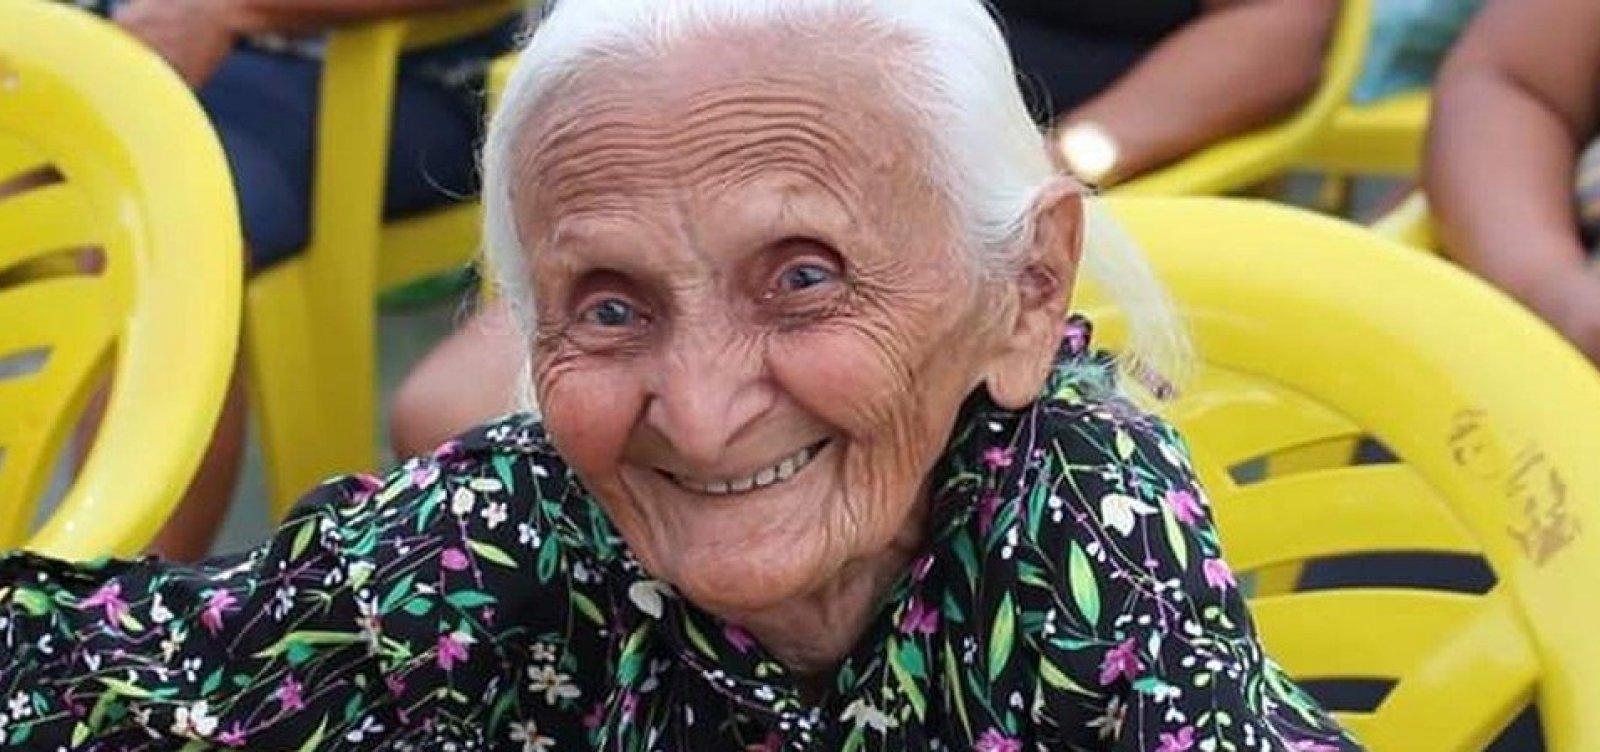 [Idosa de 106 anos é morta a pauladas no Maranhão; ladrão roubou R$ 30]